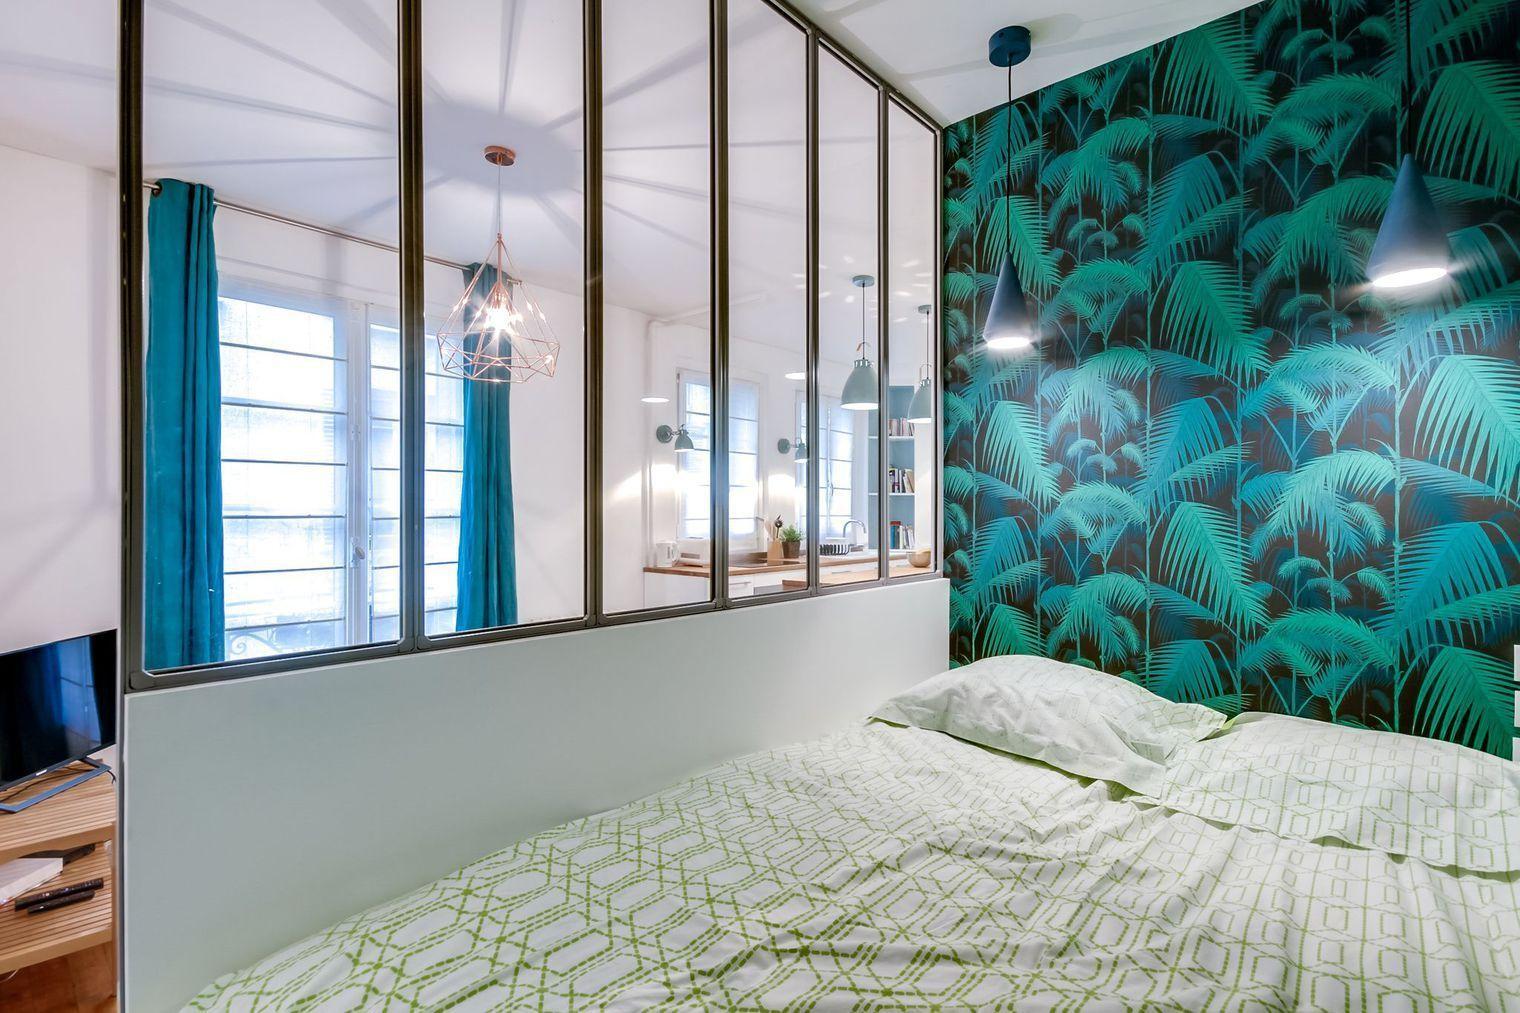 Papier Peint Palm Jungle Dans Une Chambre, En Vente Chez Au Fil Des Couleurs .